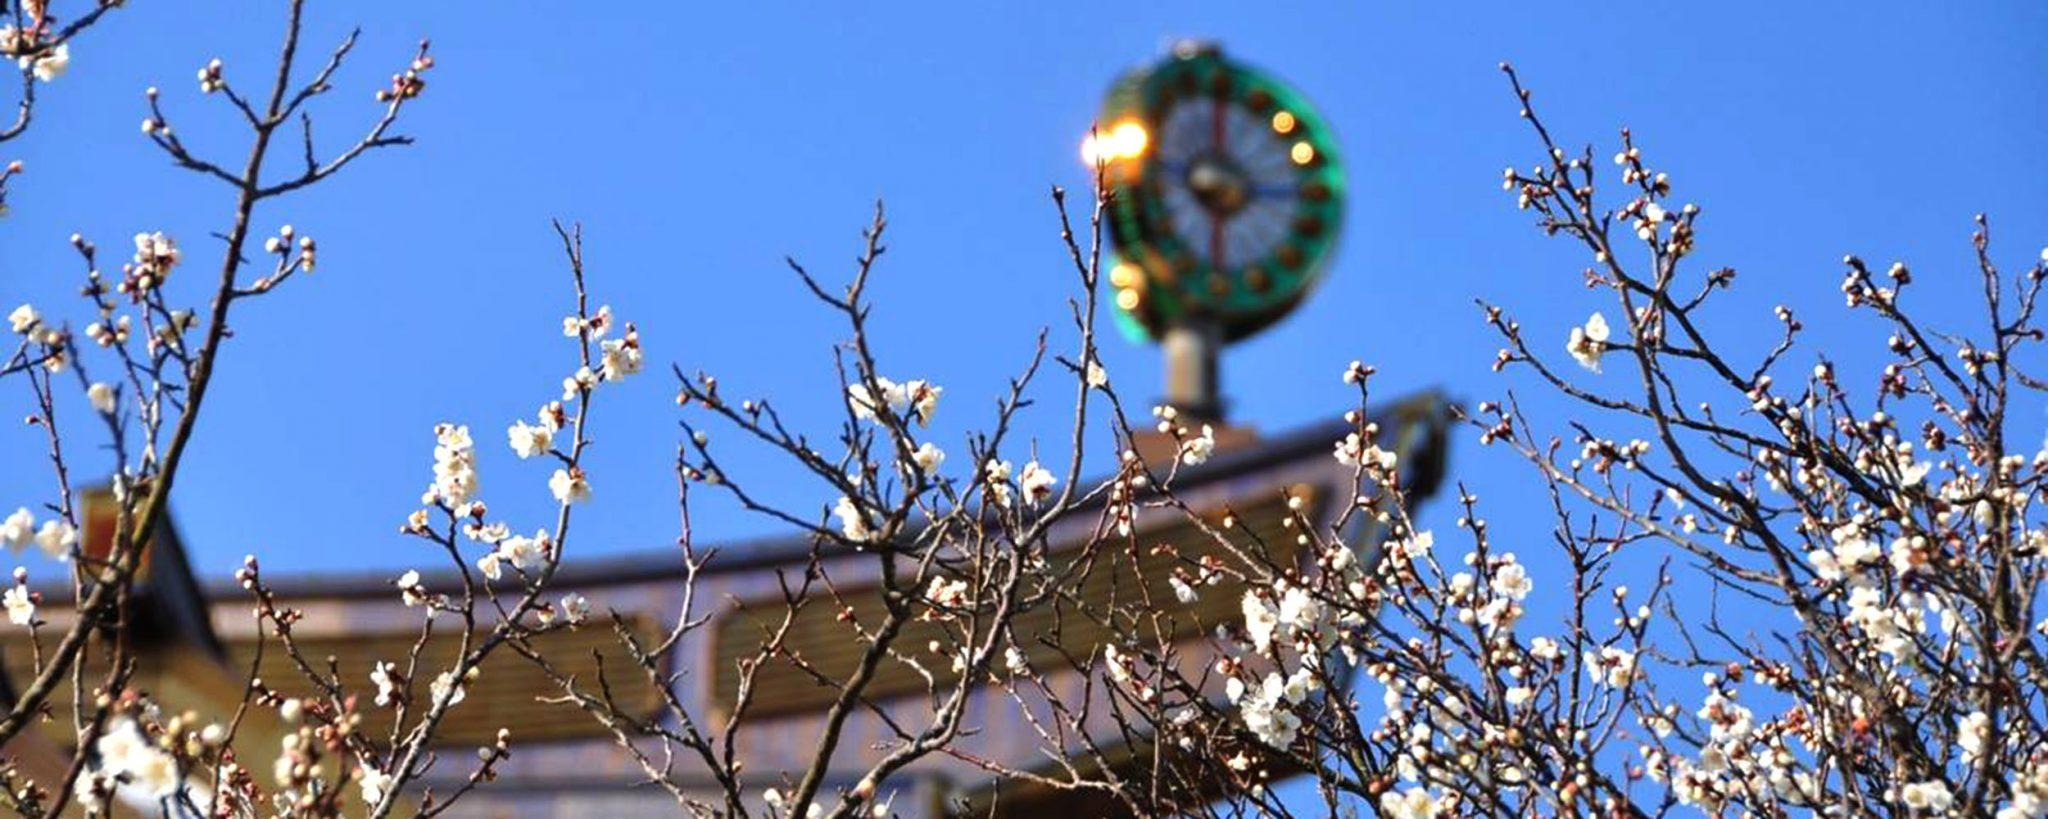 Suza Main Shrine and Cherry Blossom